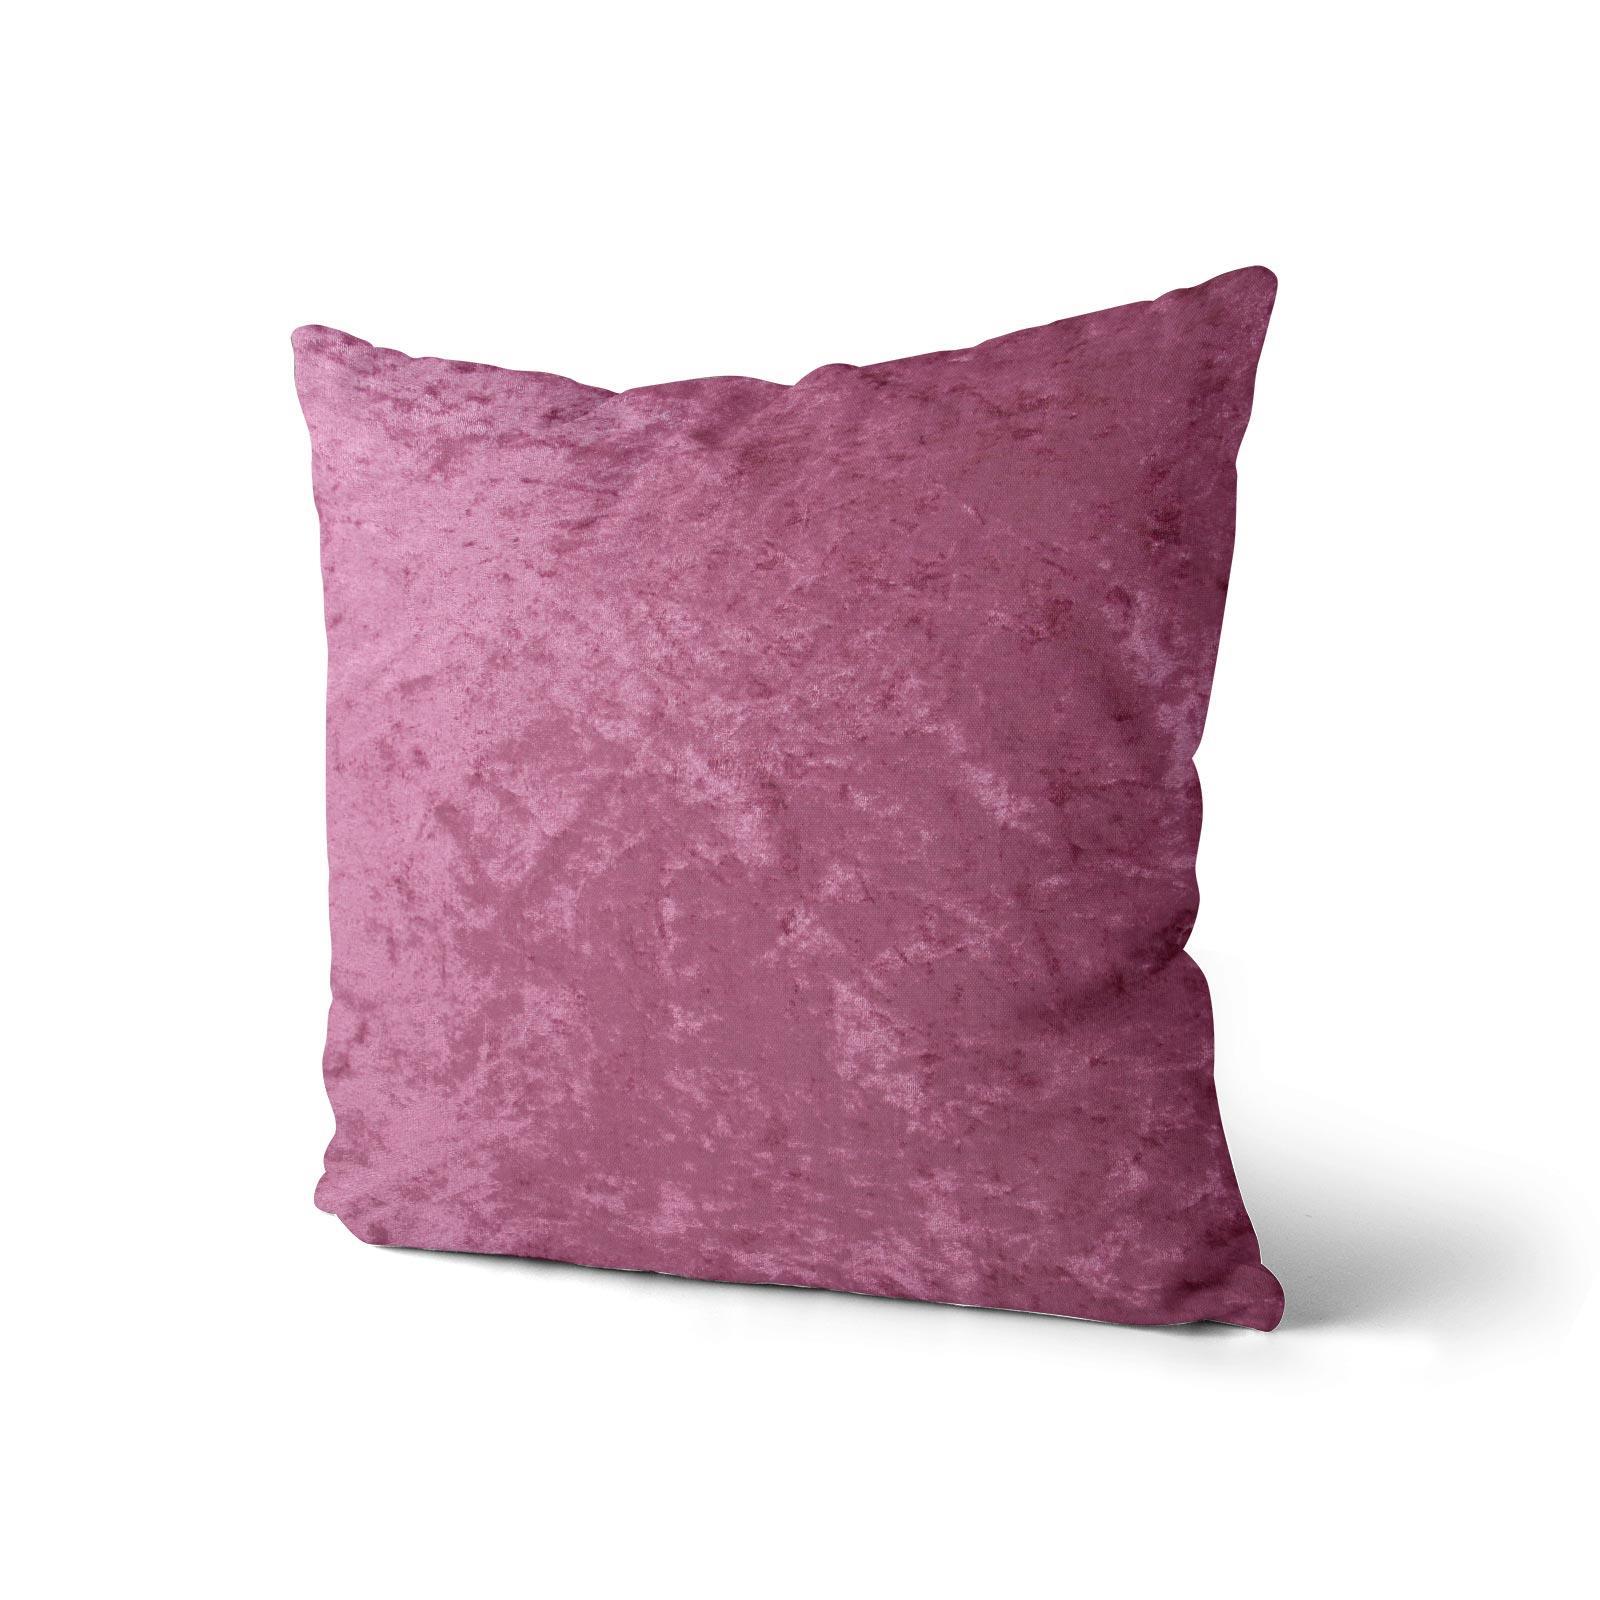 Cuscino-di-velluto-schiacciato-copre-GLAM-Tinta-Unita-Copricuscino-18-034-x-18-034-45cm-x-45cm miniatura 41